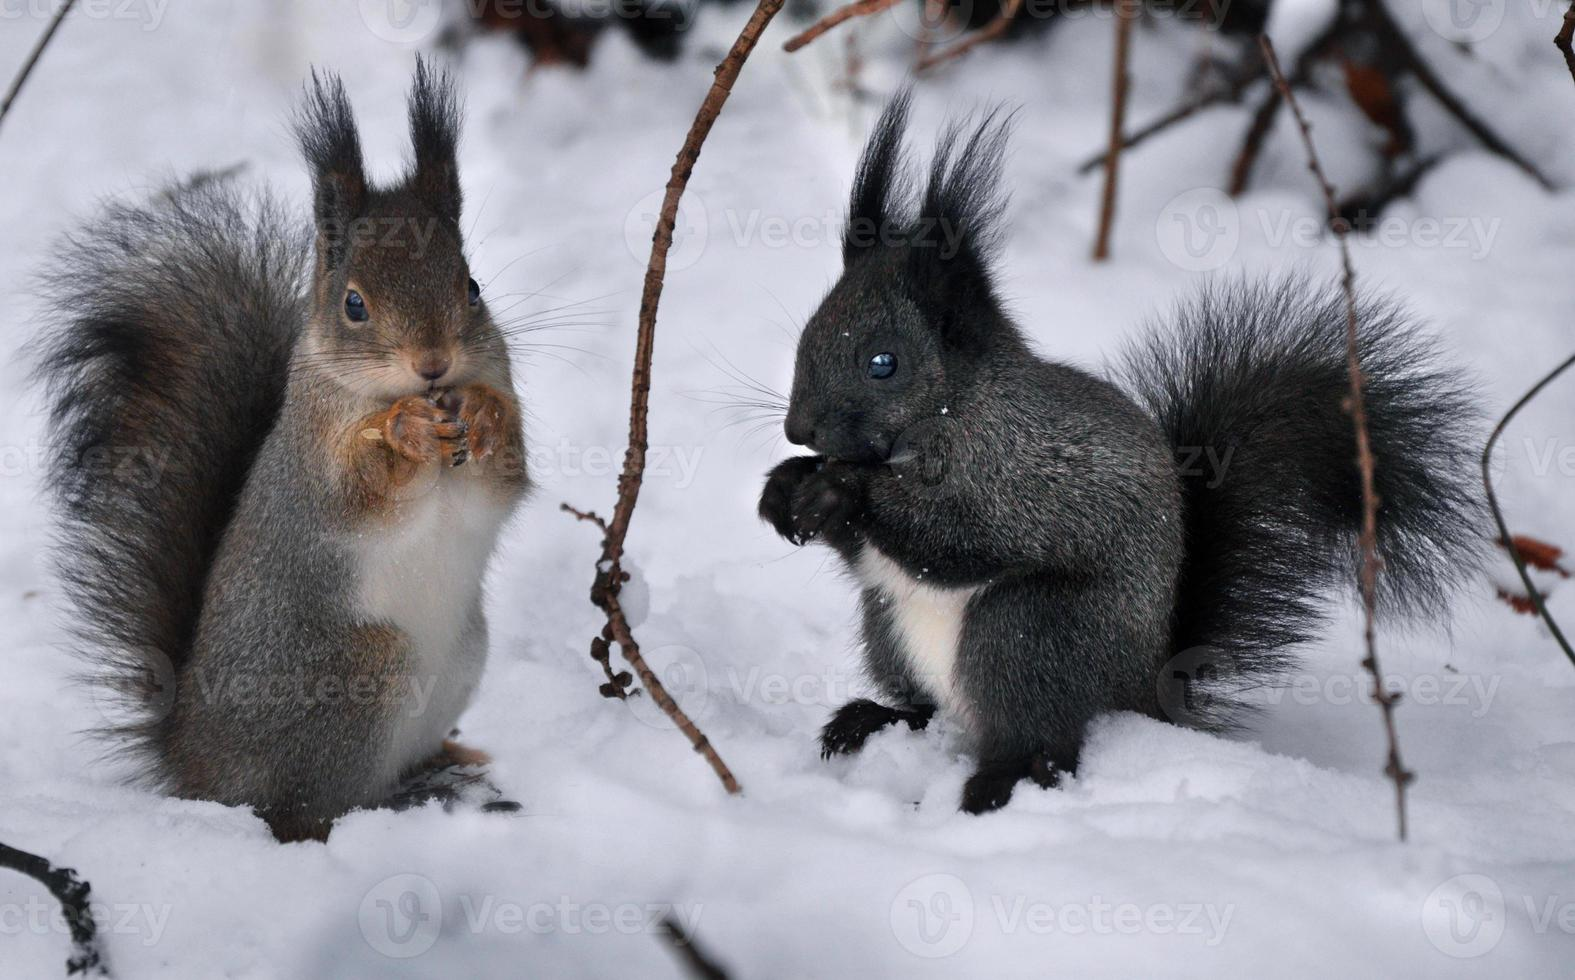 due scoiattoli foto